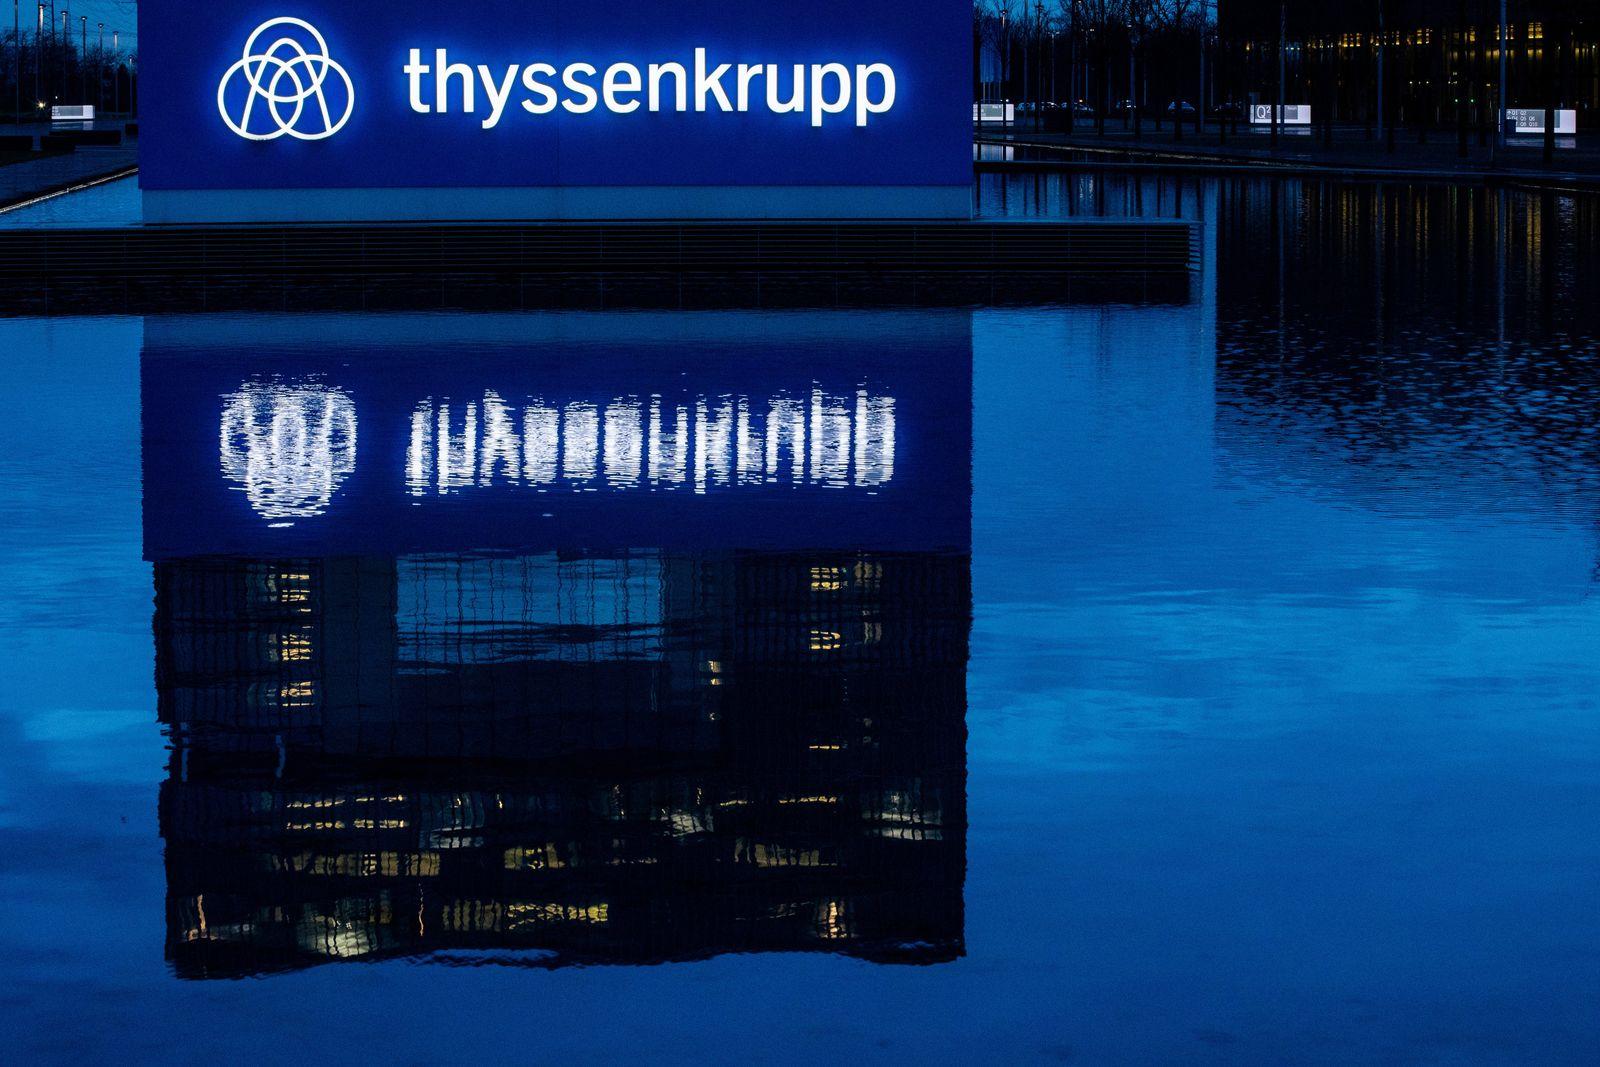 Thyssenkrupp verkauft Stahlsparte nicht